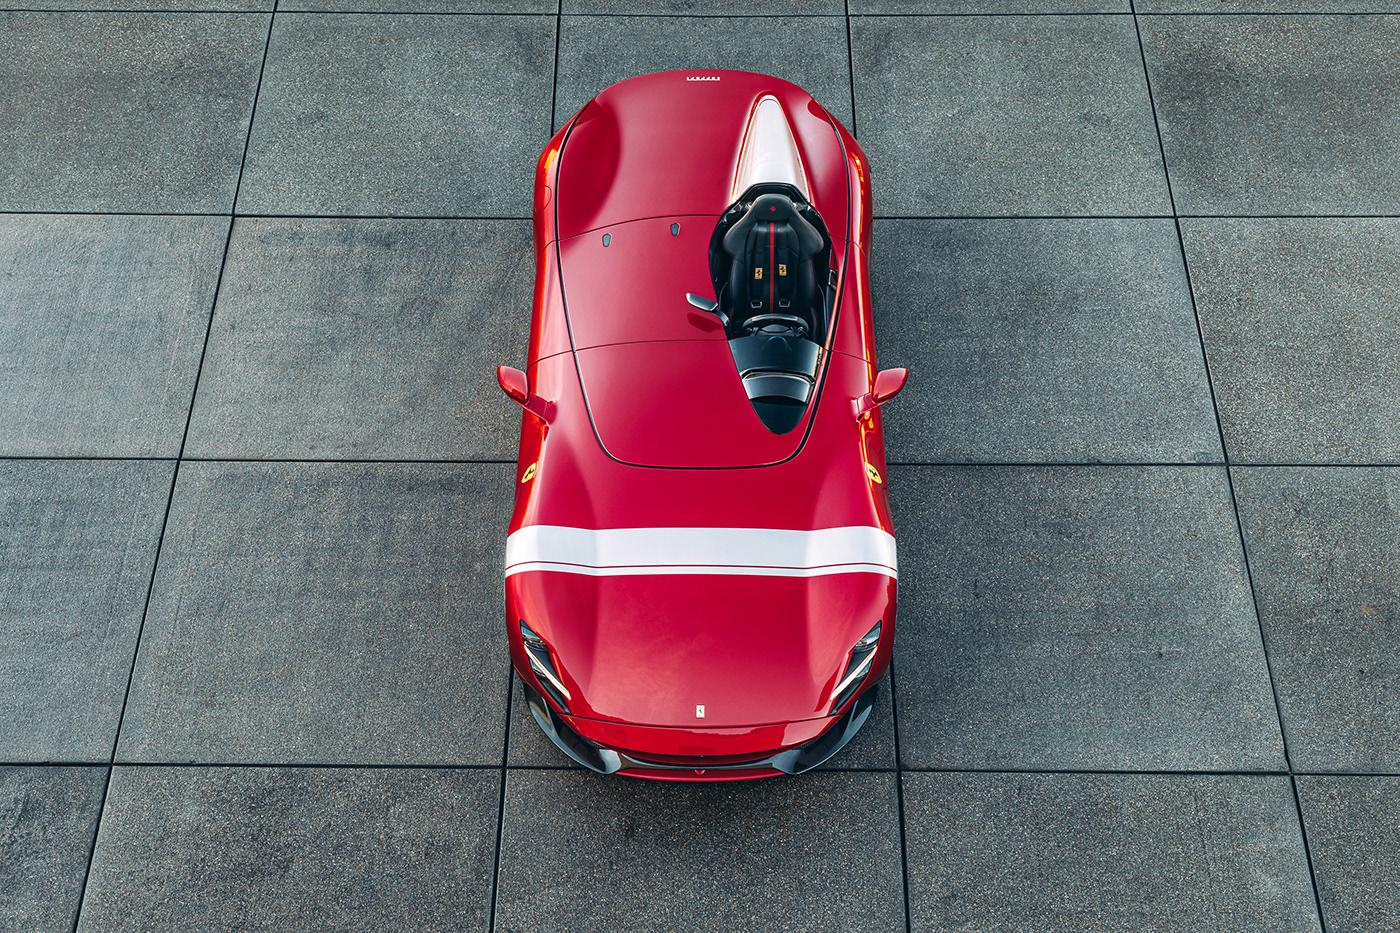 Automotive Photography FERRARI ferrari monza sp1 Keno Zache monza sp1